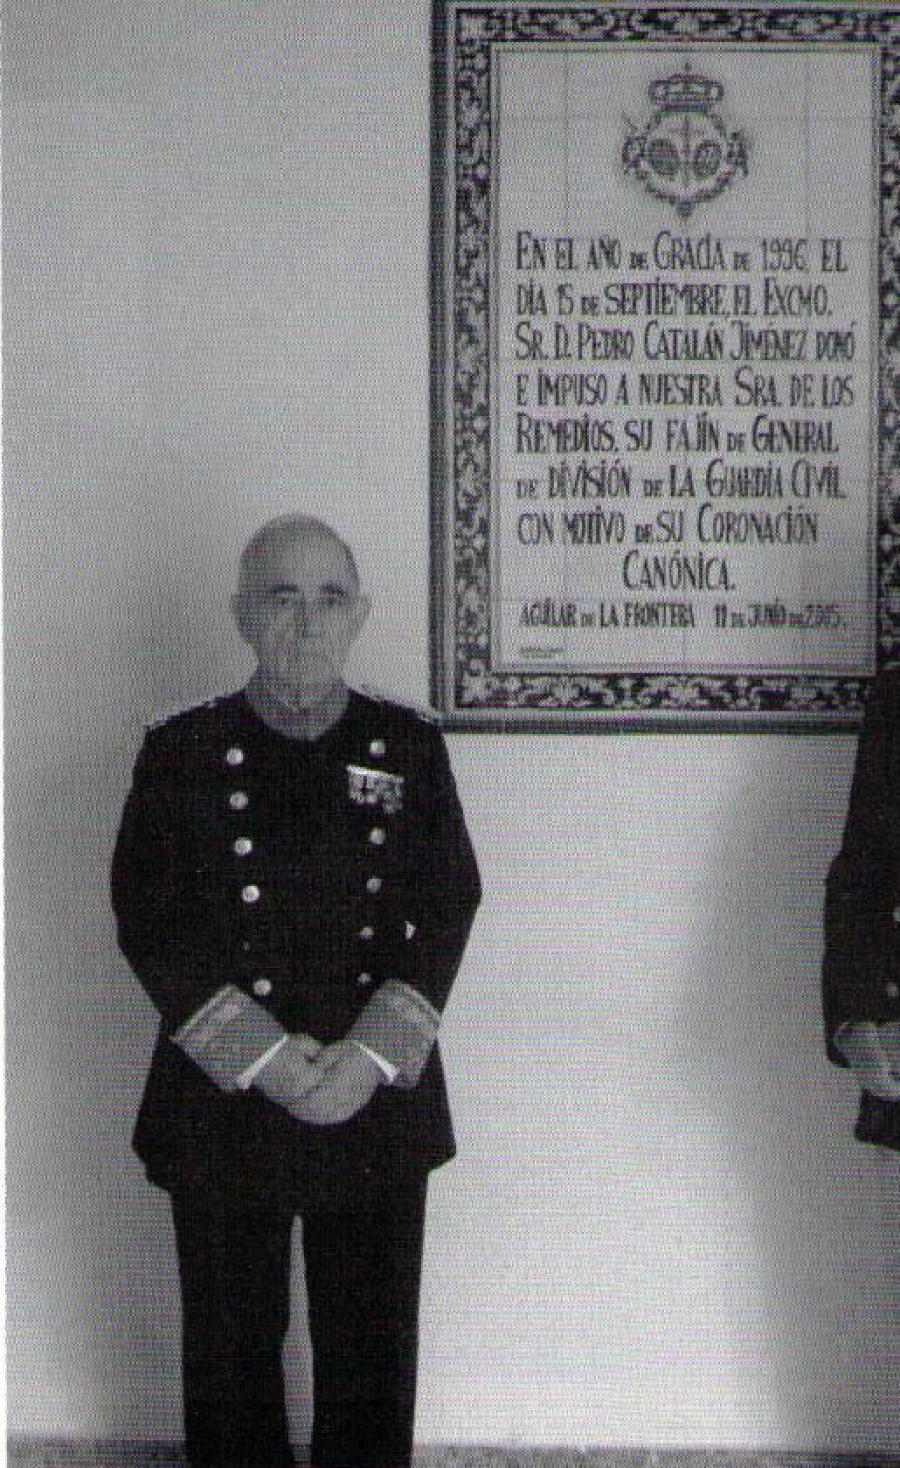 Fallece por coronavirus el aguilarense Pedro Catalán, General de División de la Guardia Civil